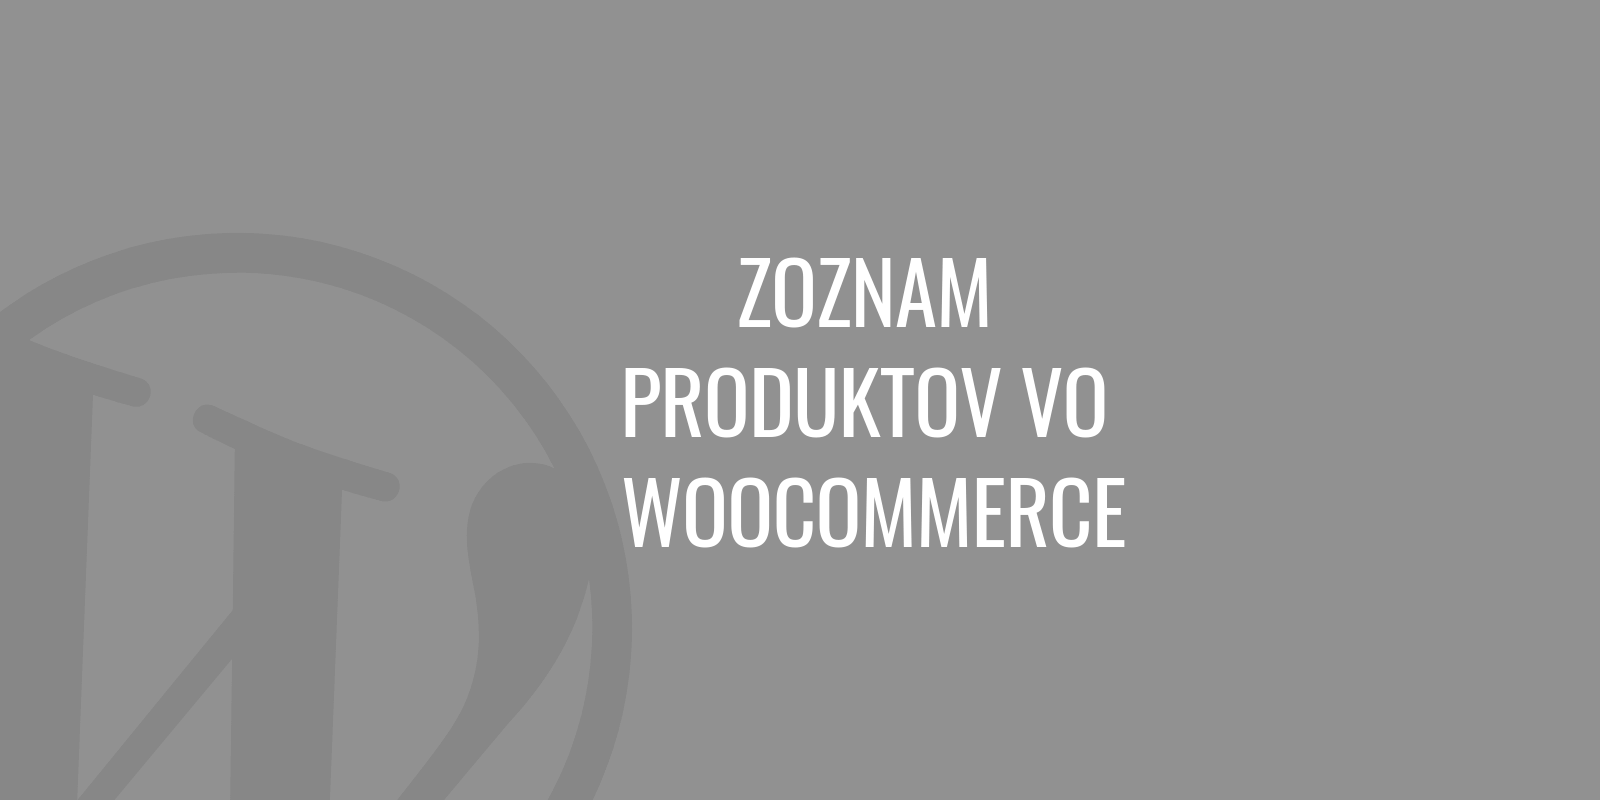 Zoznam produktov vo WooCommerce